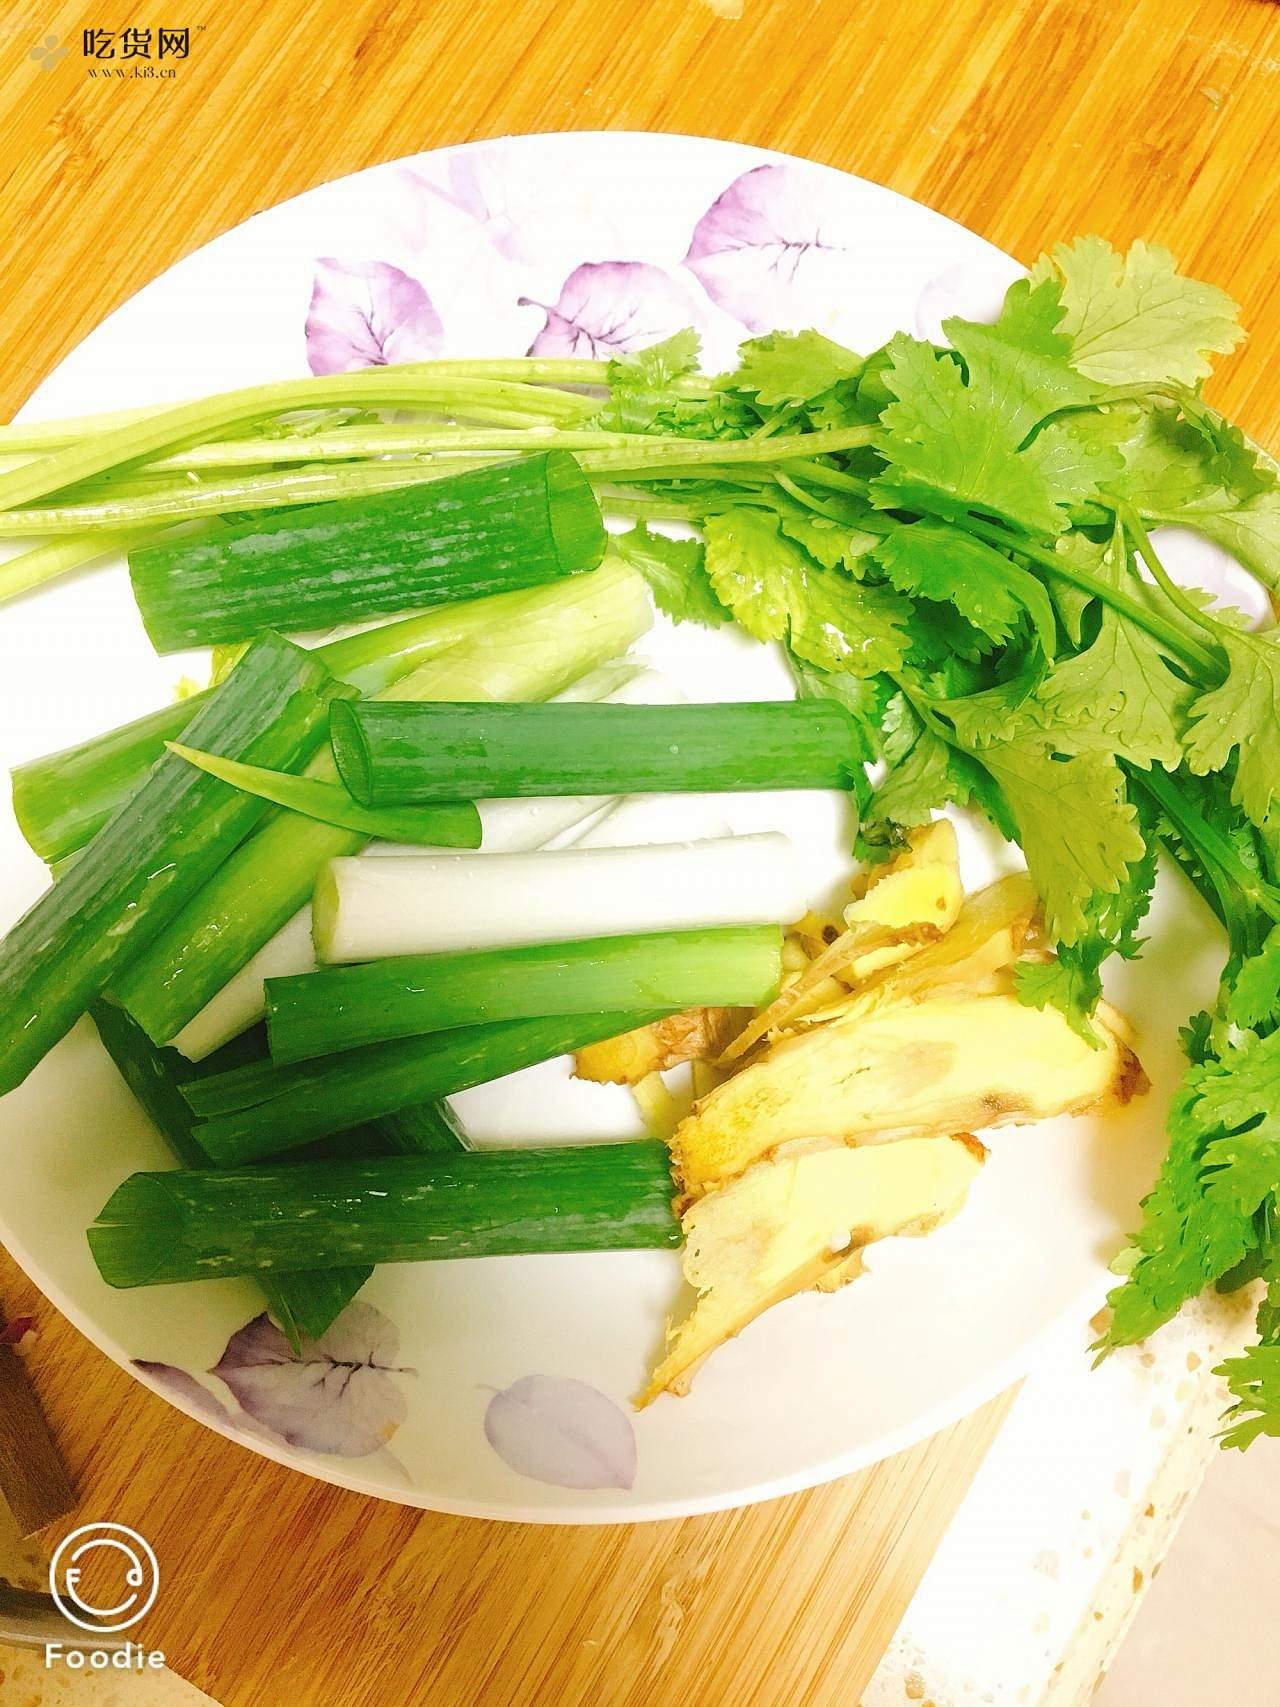 麻辣小龙虾(独创四川口味)的做法 步骤3